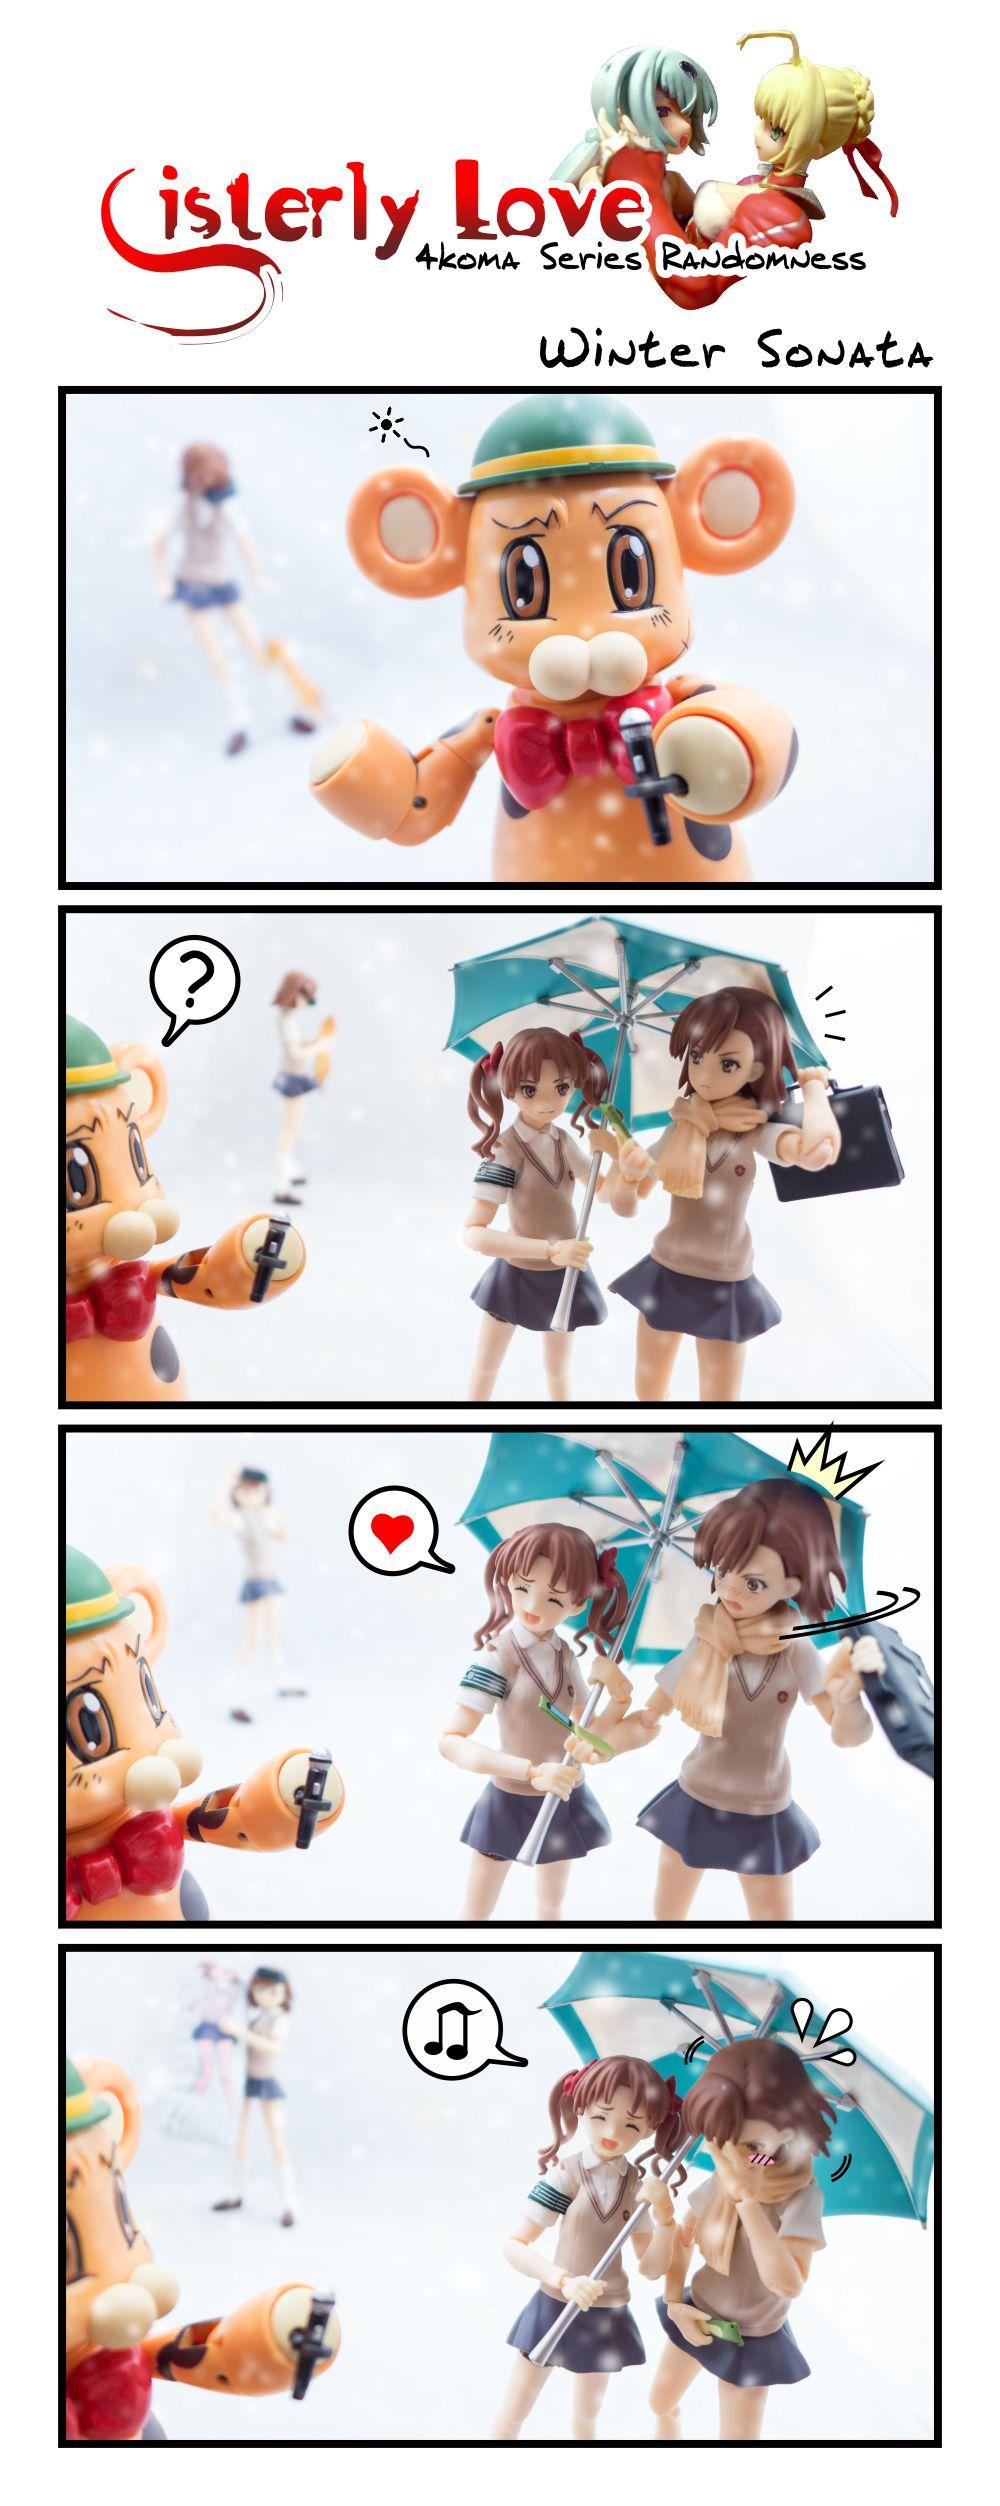 LilyPanel_Comic_Strip_63